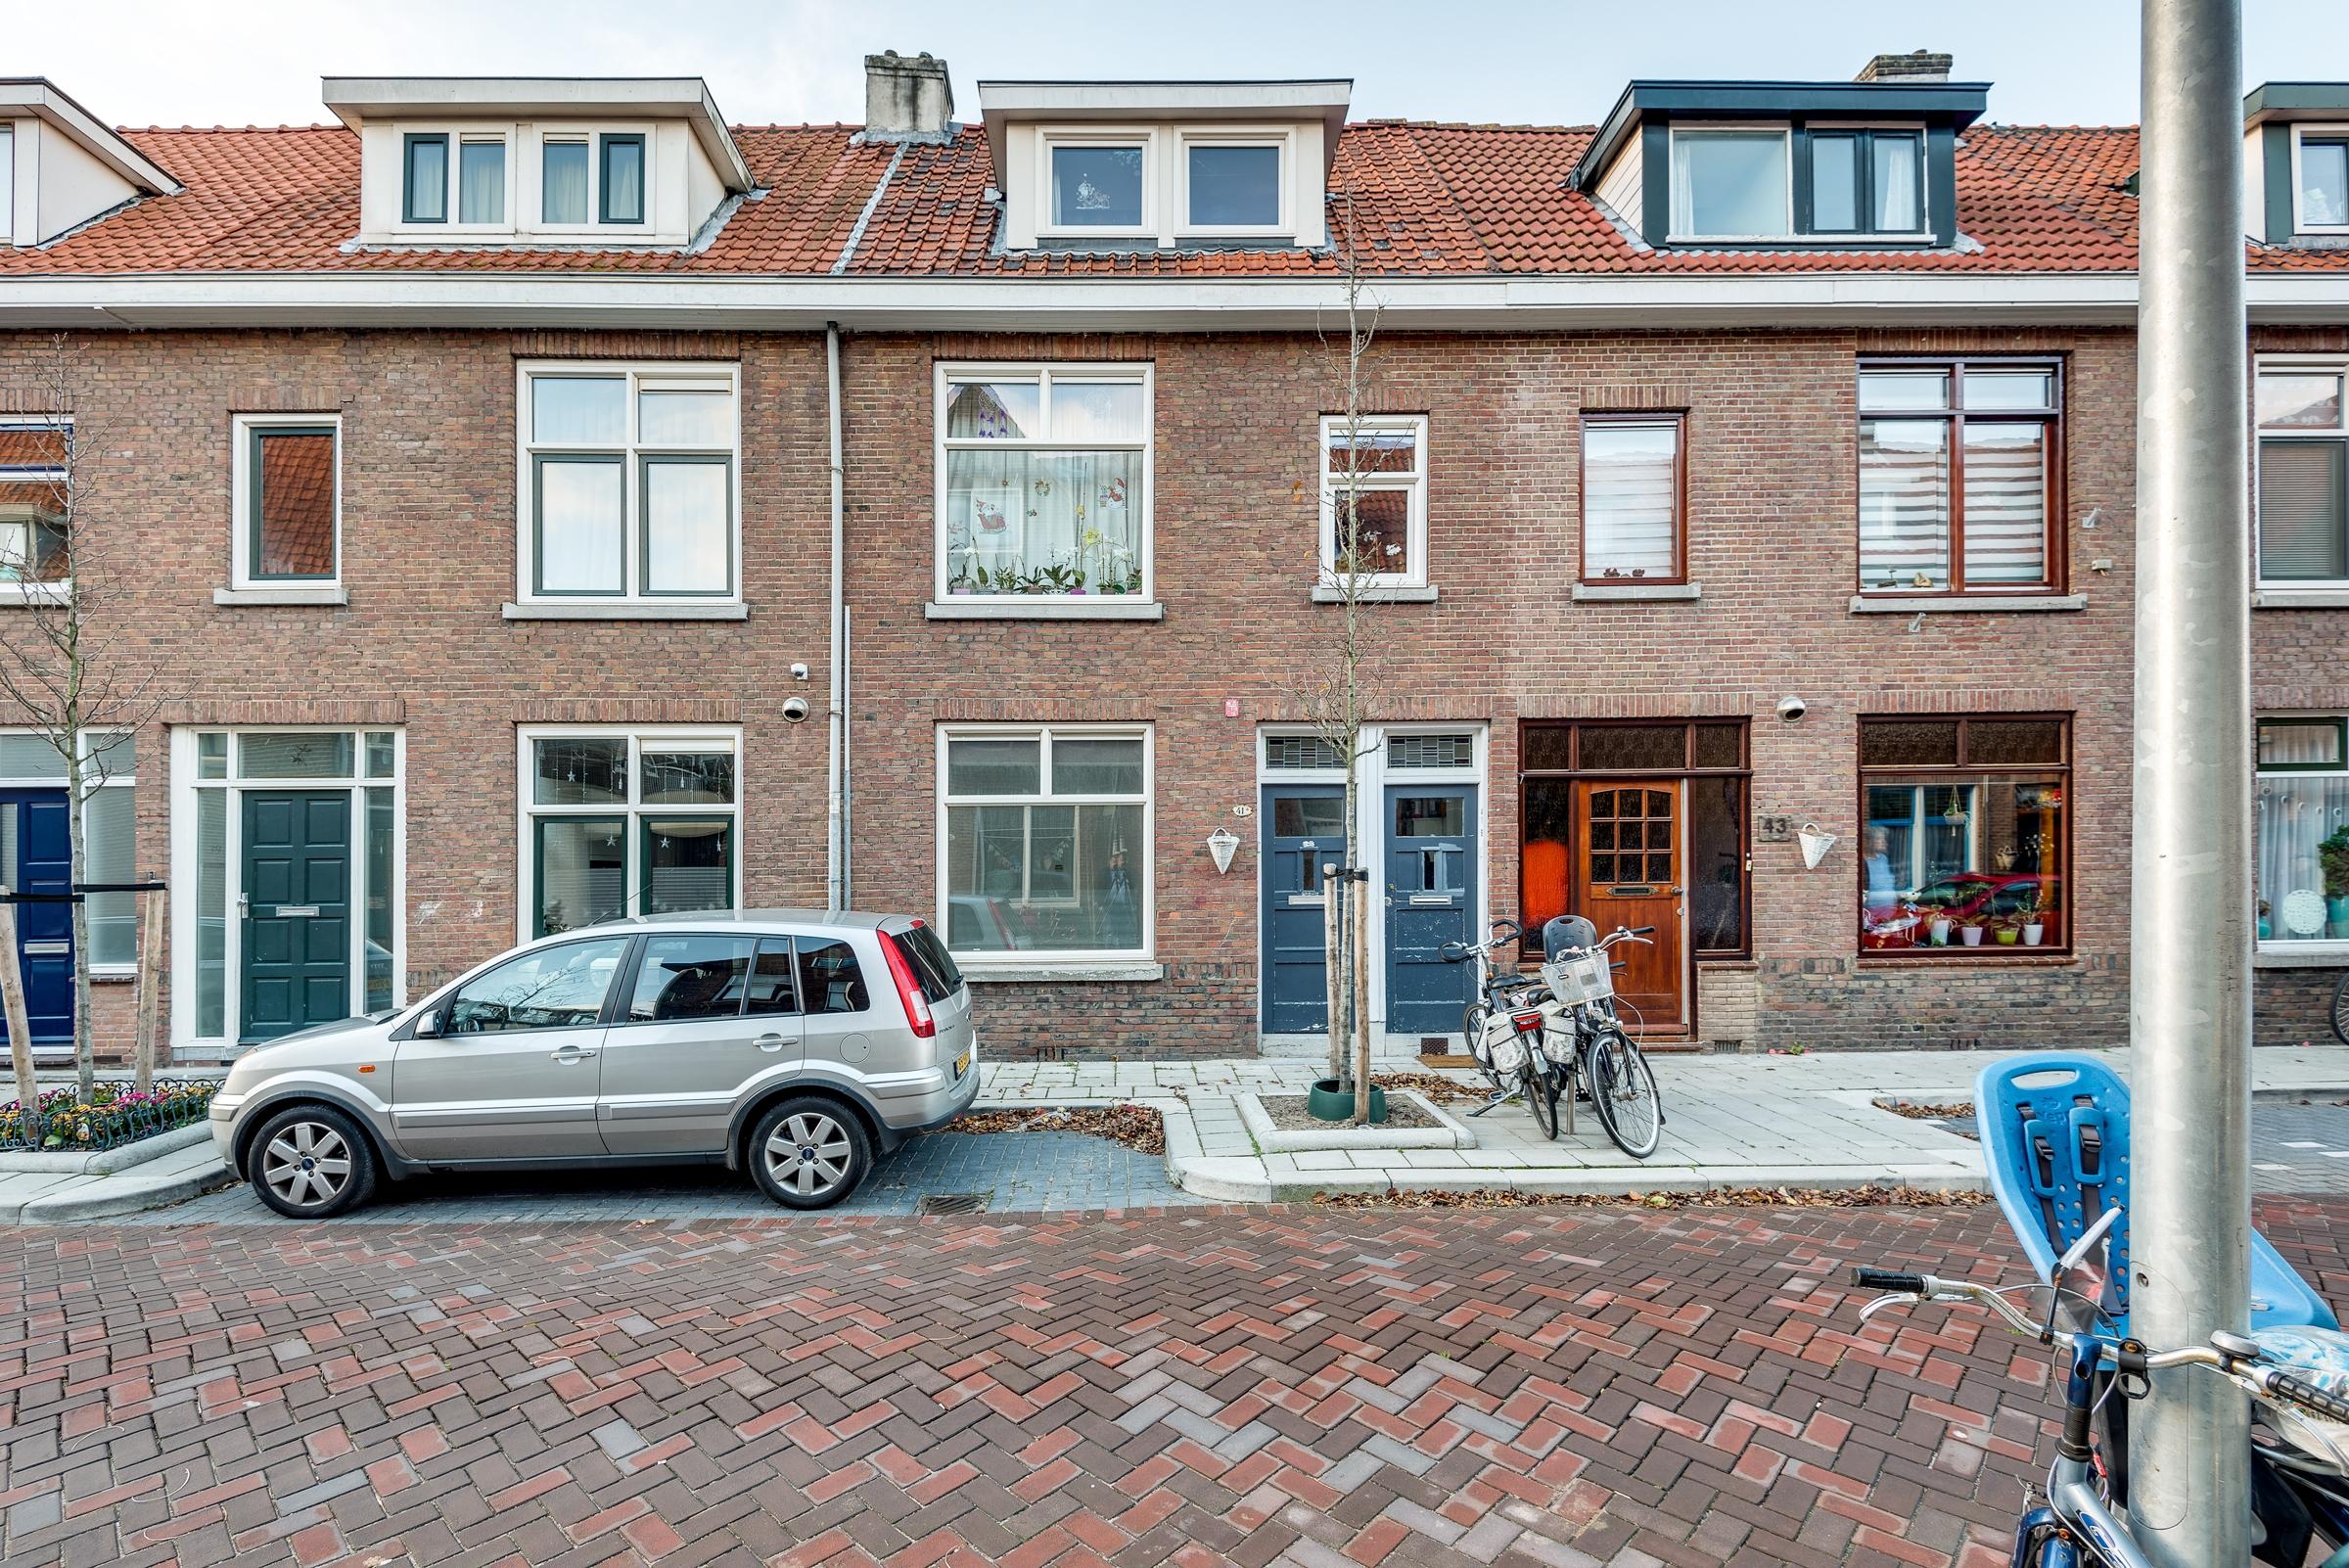 Verkocht onder voorbehoud: Bilderdijkstraat 41A, 3117 PB Schiedam